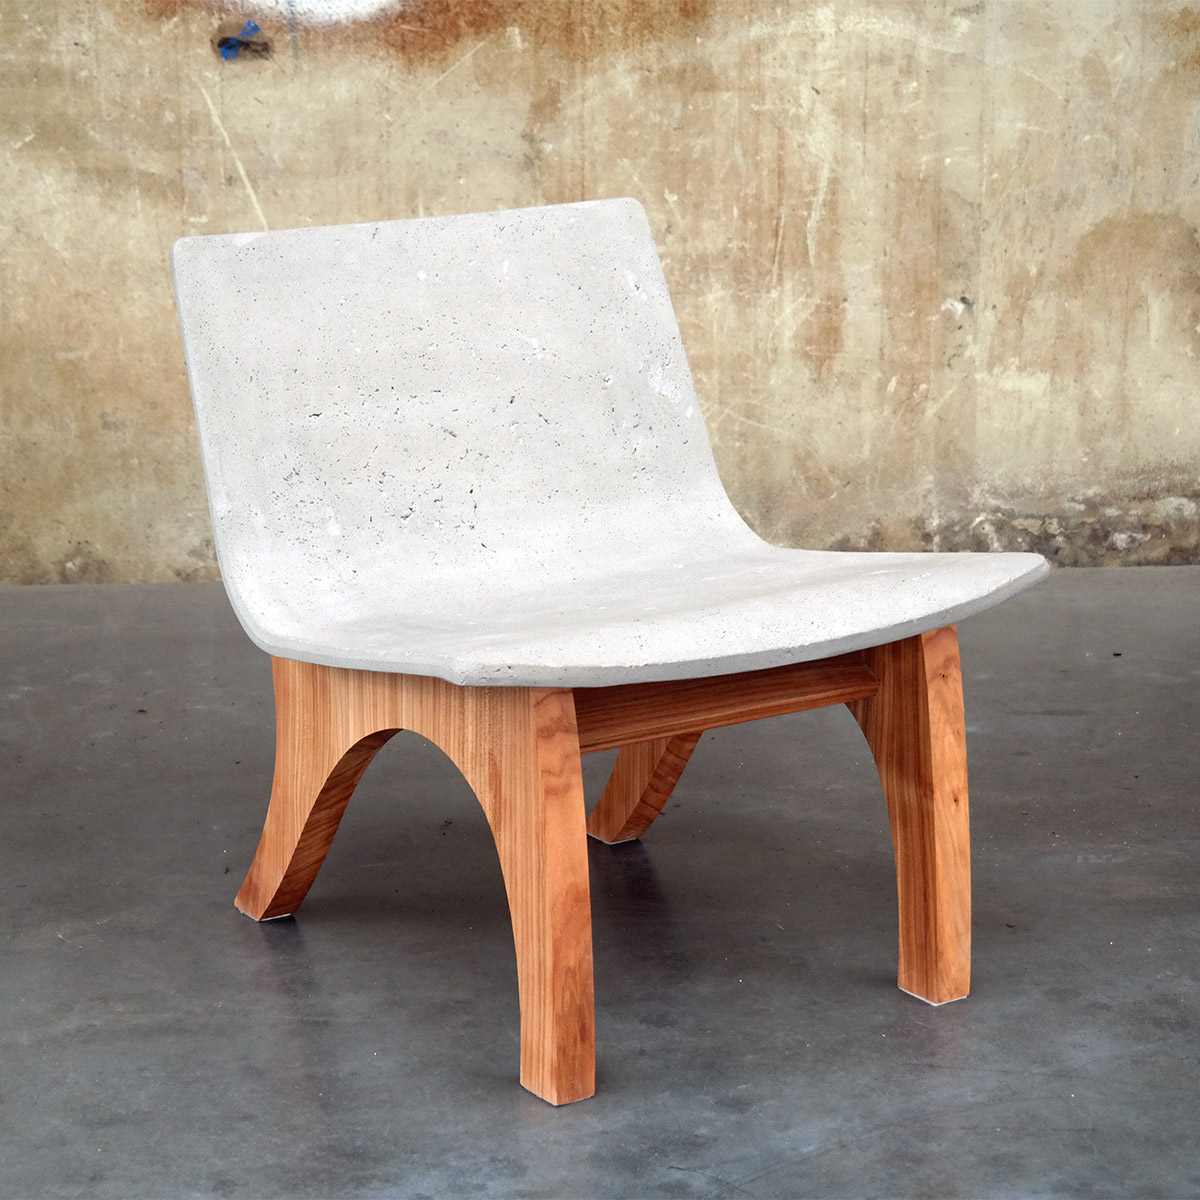 Morgan-beton-fauteuil-voorkant